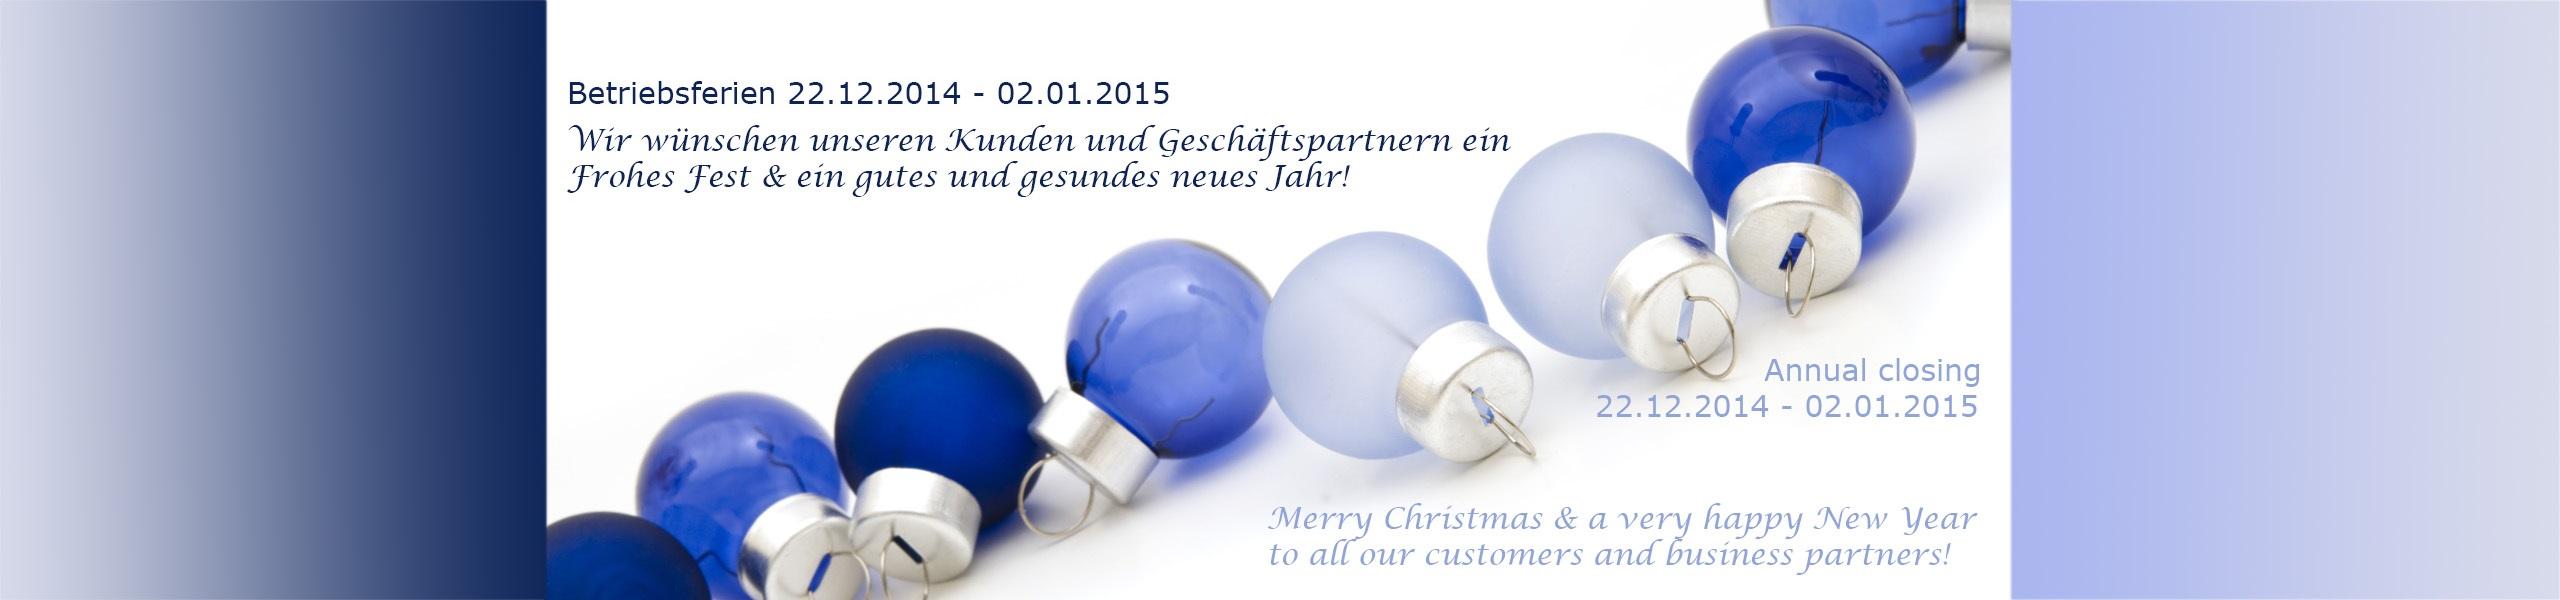 Weihnachten2014web1